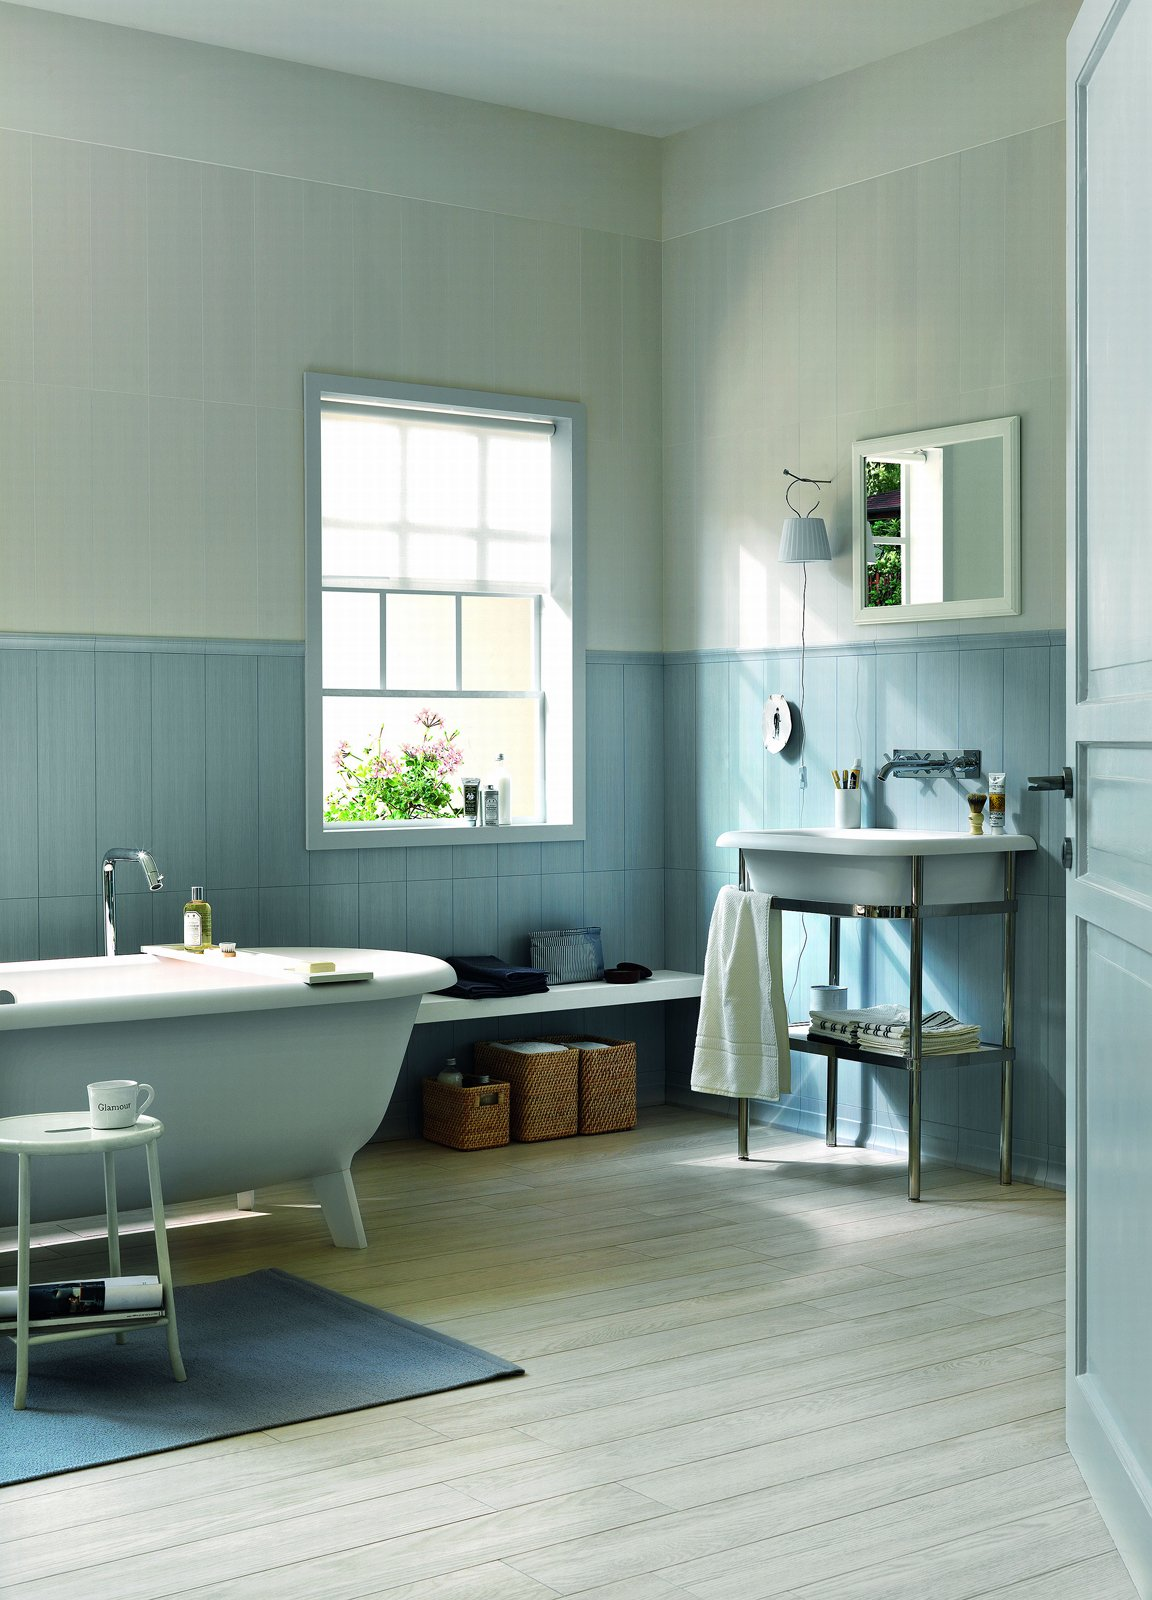 Piastrelle per il bagno tre stili diversi cose di casa - Levigare il parquet senza togliere i mobili ...